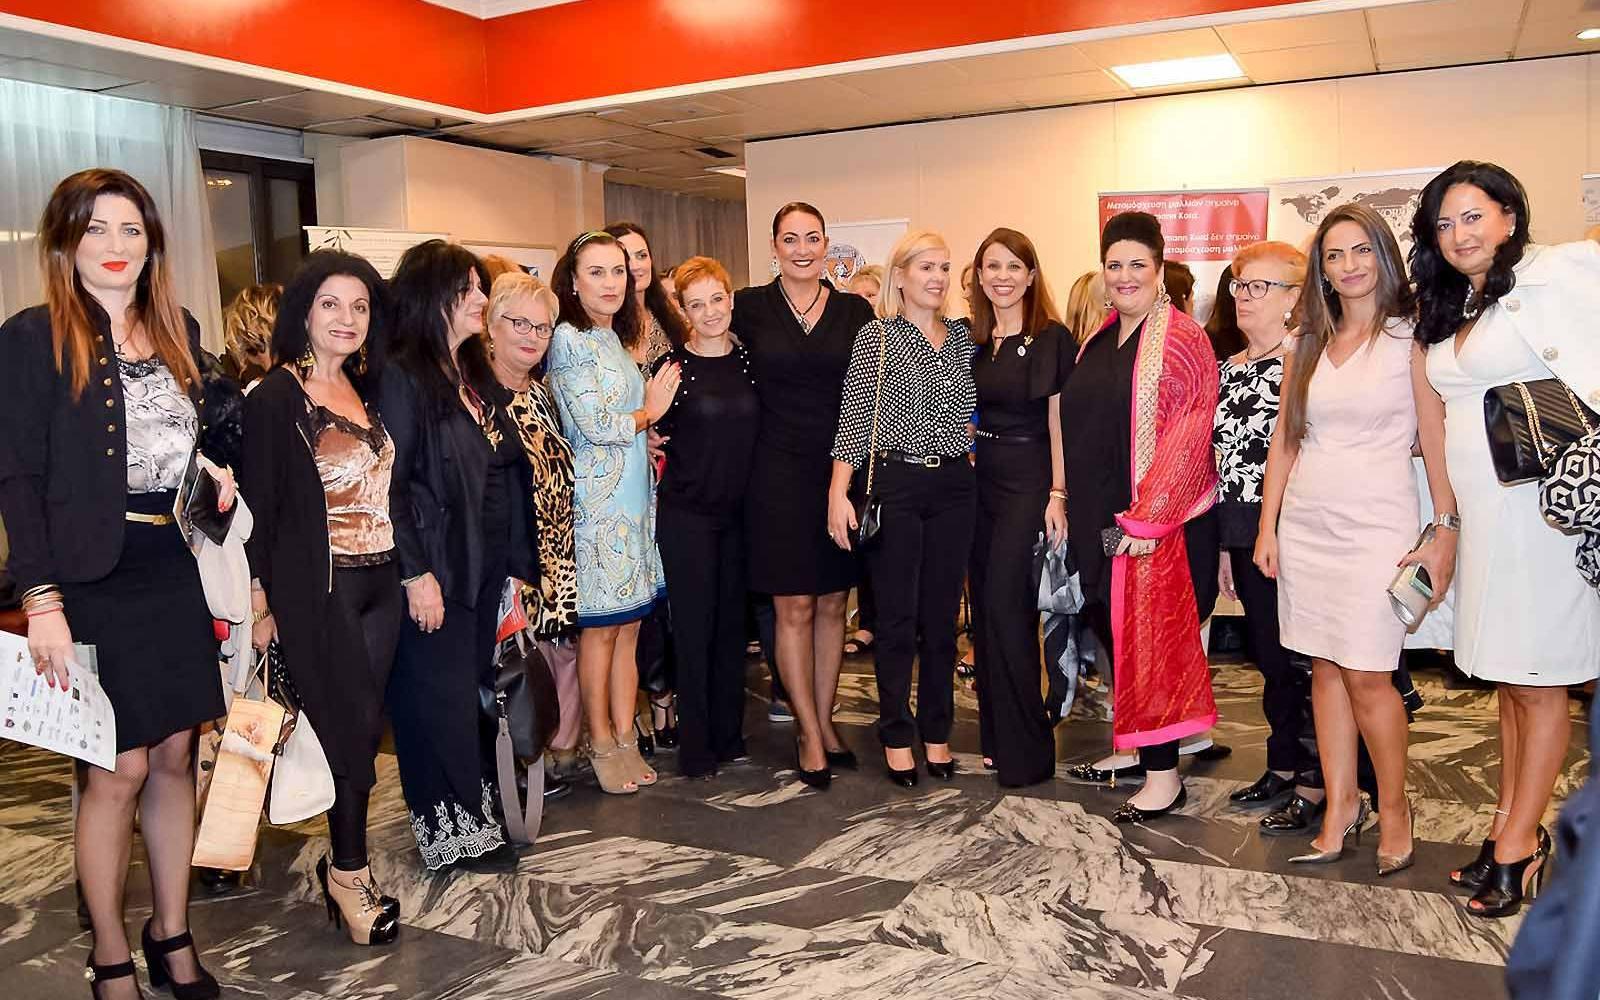 Αναστασία Τογιοπούλου,Έφη Σιαïνη,Έφη Αναλυτή,Σίσσυ Αυγερινού,Άννα Μαρία Ρογδάκη,Πηνελόπη Λαμπούση,Ελένη Παυλή